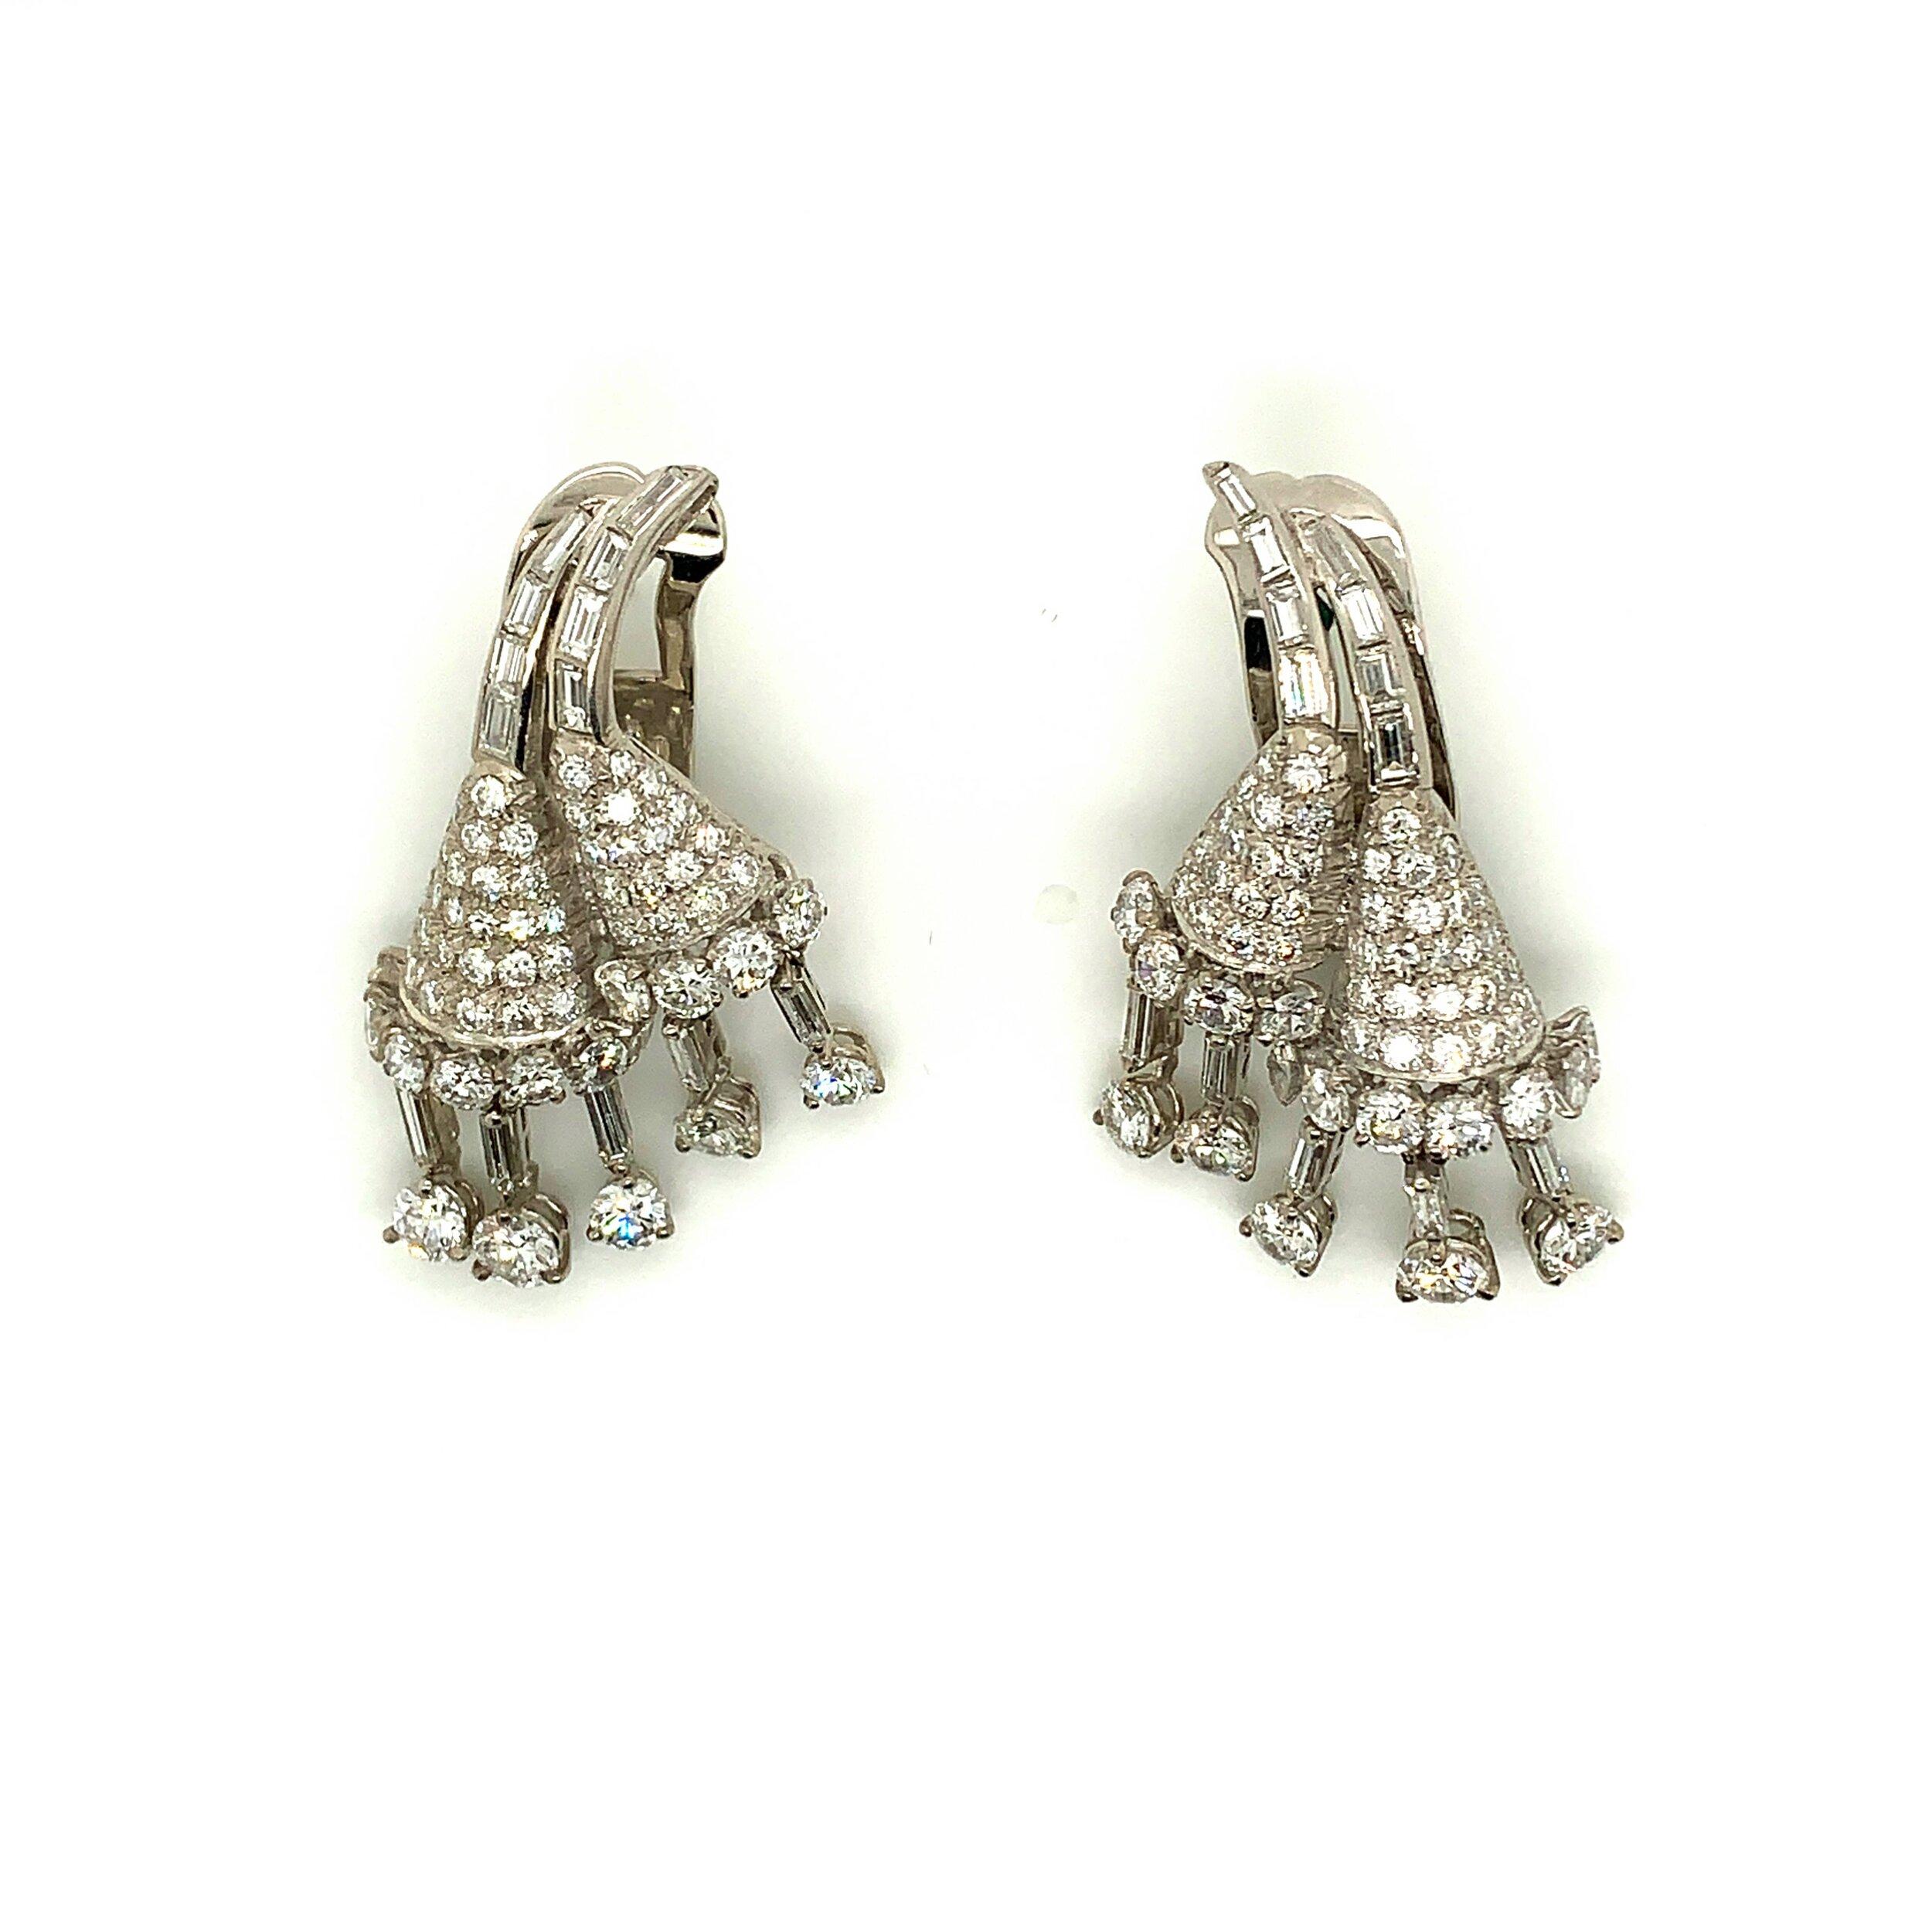 Diamond & Platinum Earrings   Est. US$ 13,000-16,000